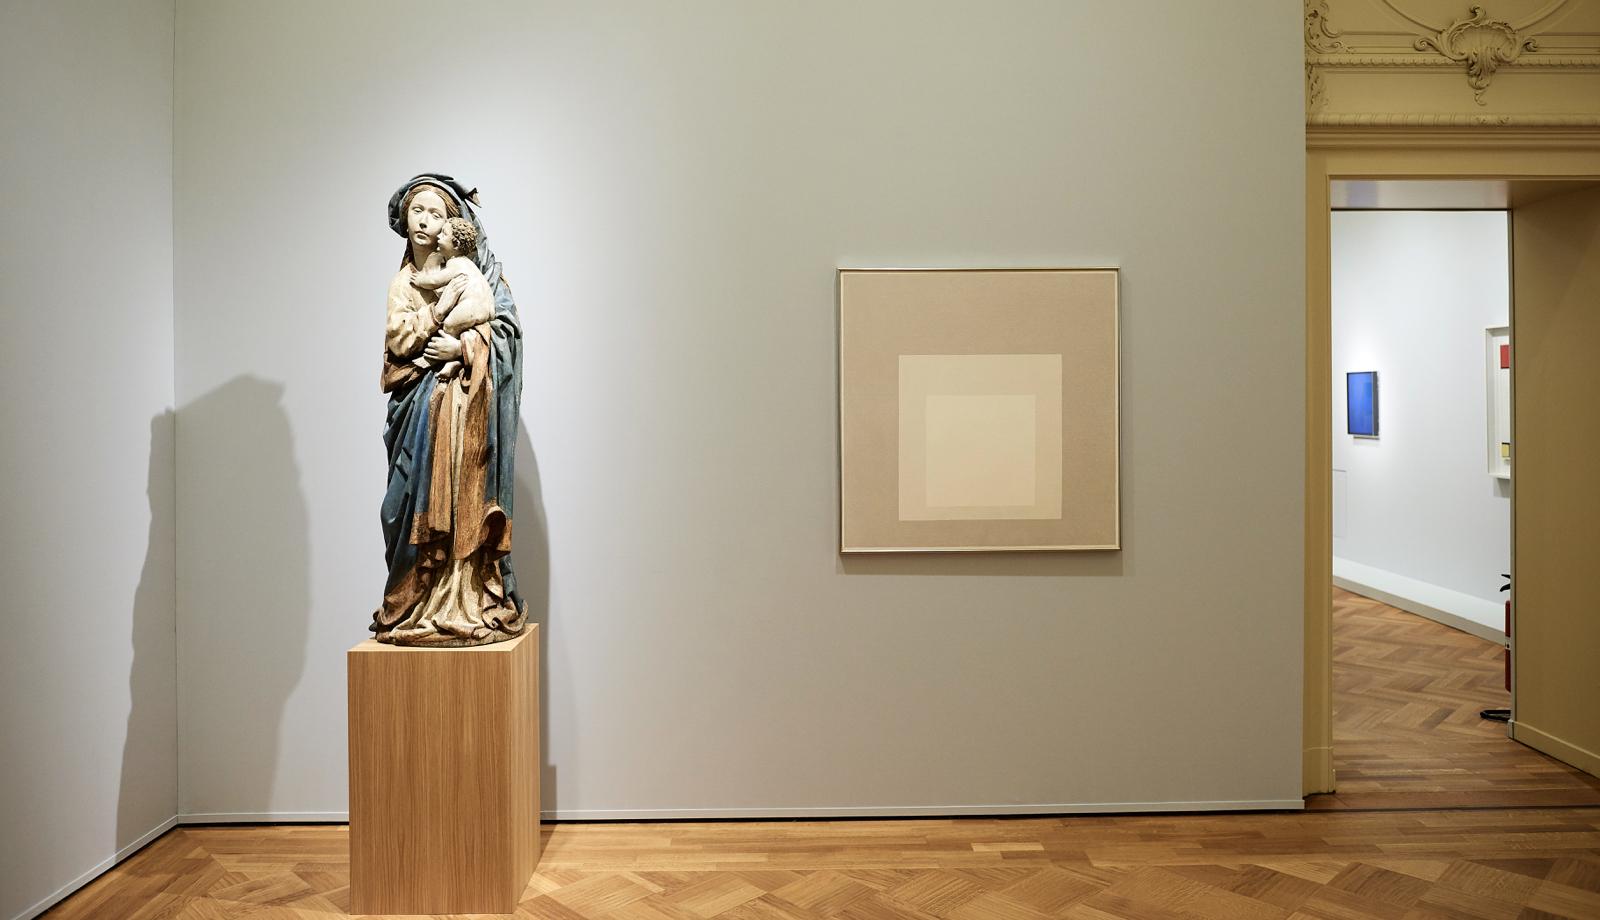 180615_Designkritik_ReneSpitz_WDR3-Mosaik_JosefAlbers-Interaction